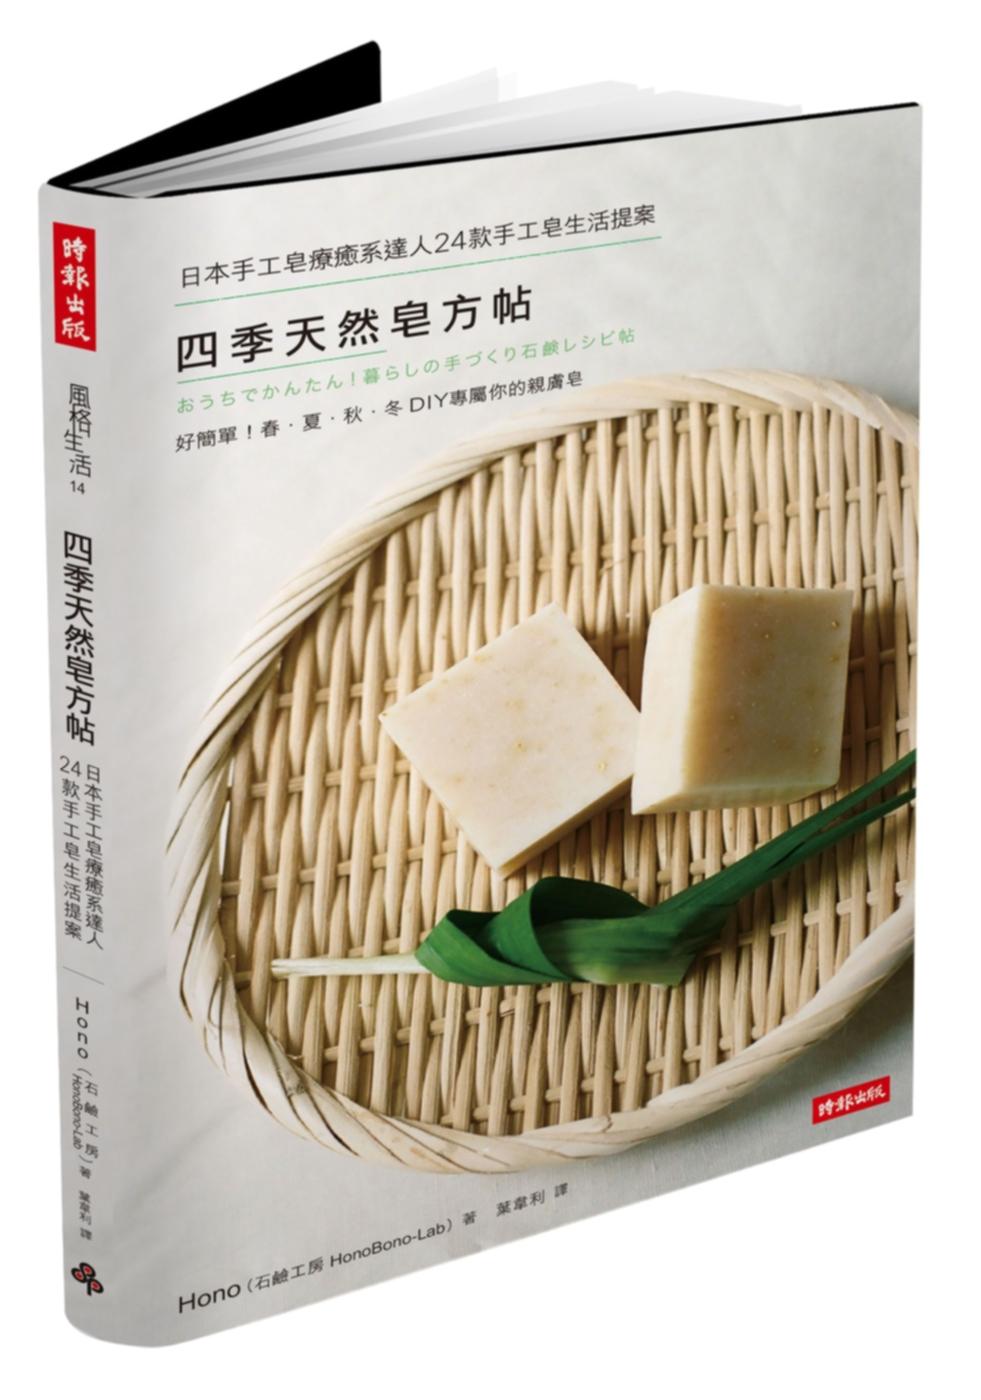 四季天然皂方帖: 皂療癒系 24款 皂 提案